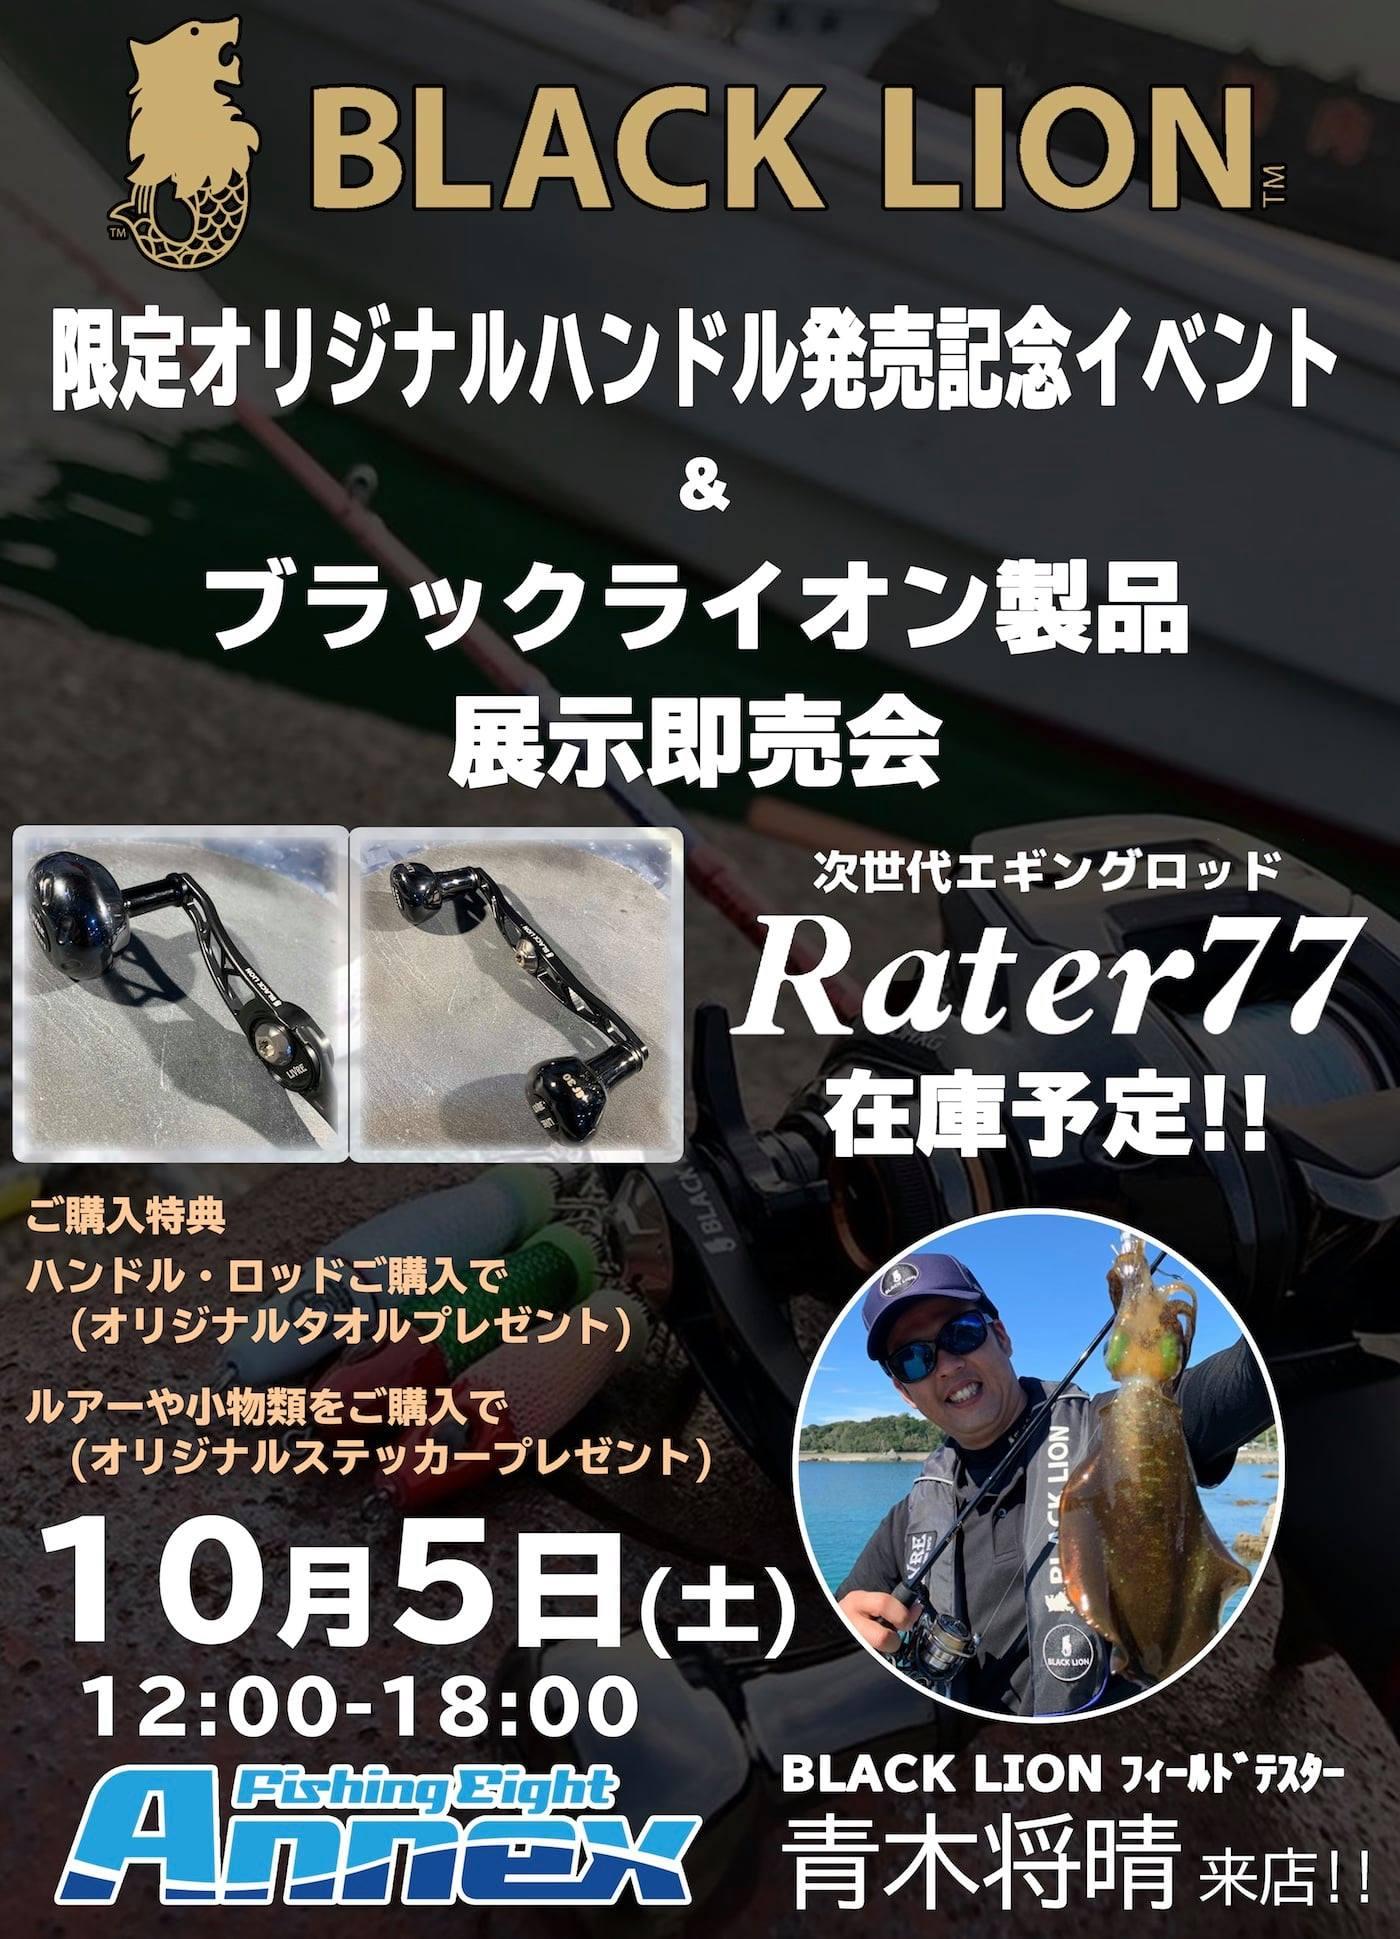 【  発売記念イベント アネックス様にて  】